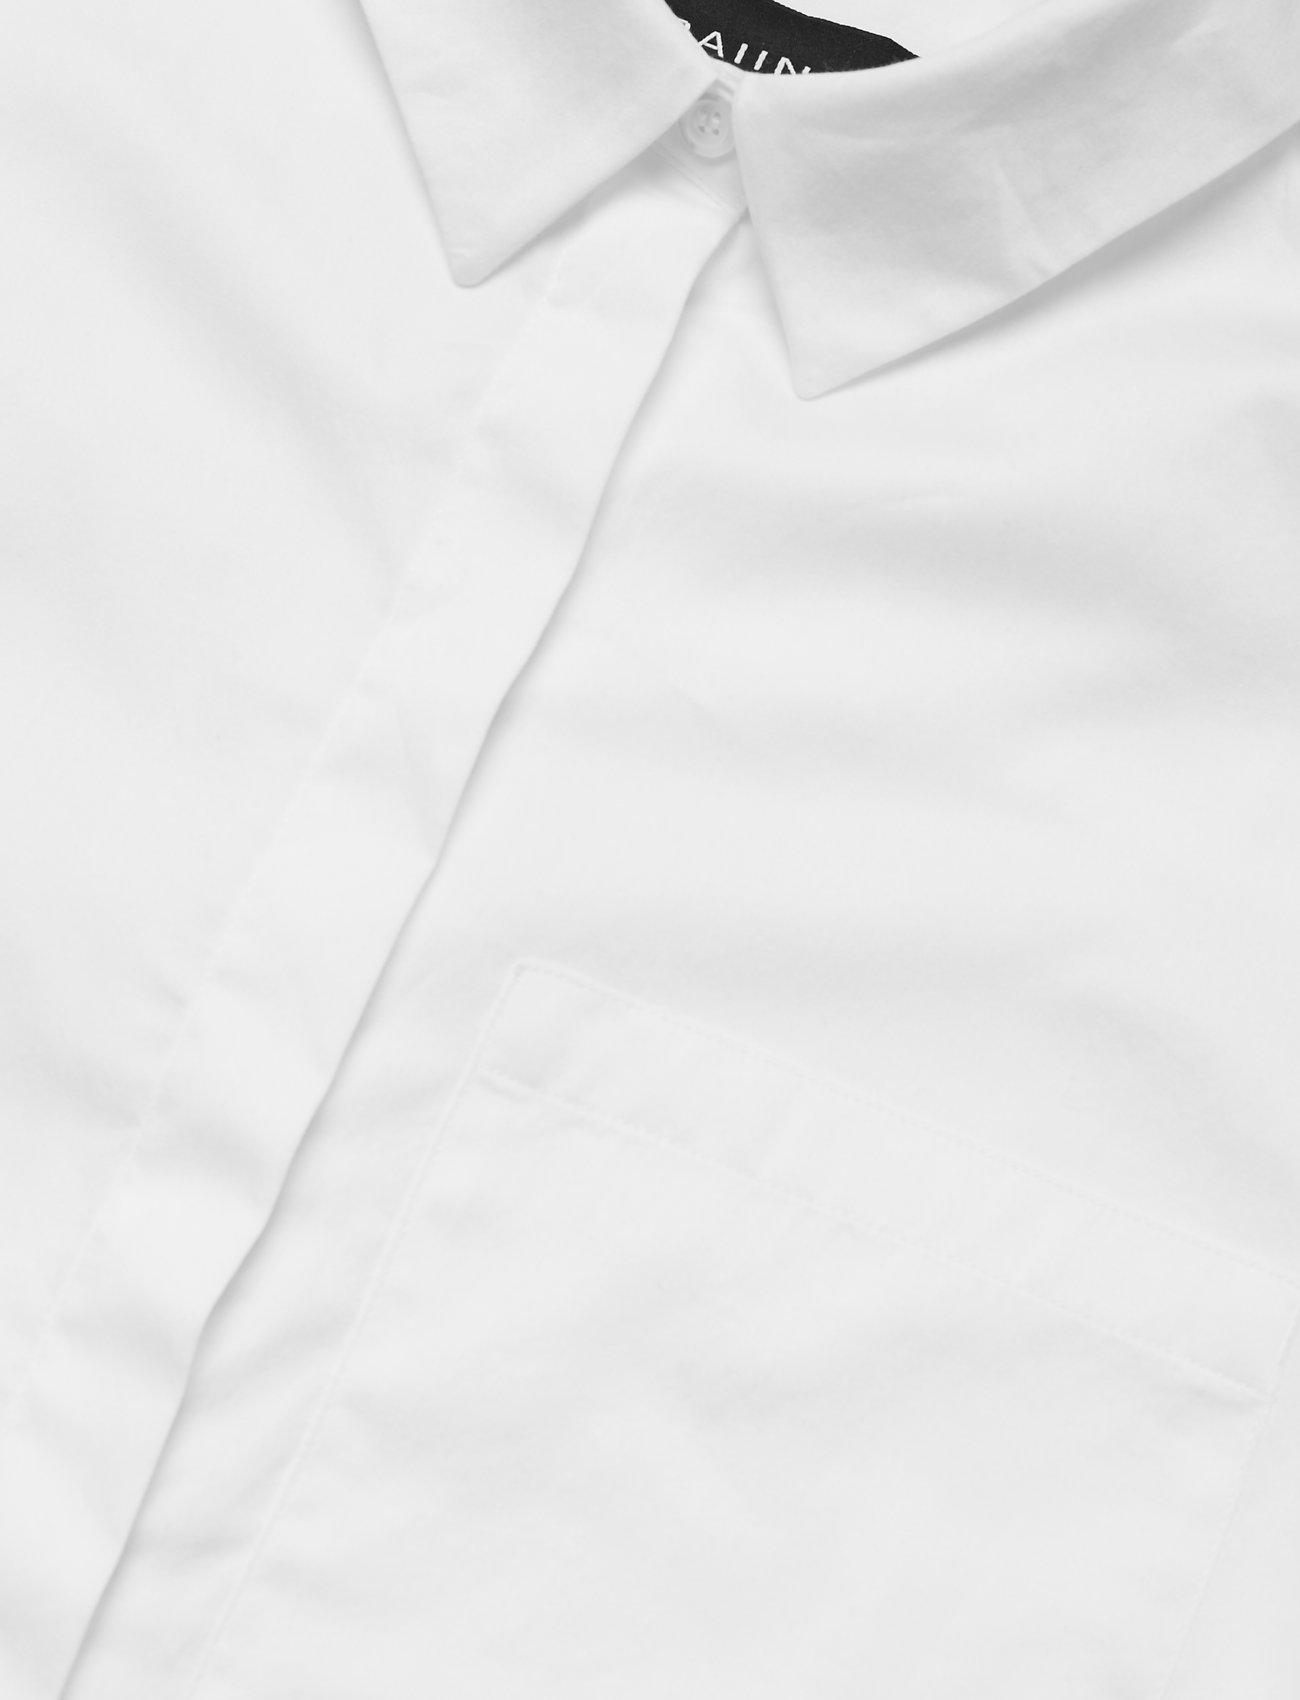 Raiine Roslyn Shirt - Chemisier & Chemises White